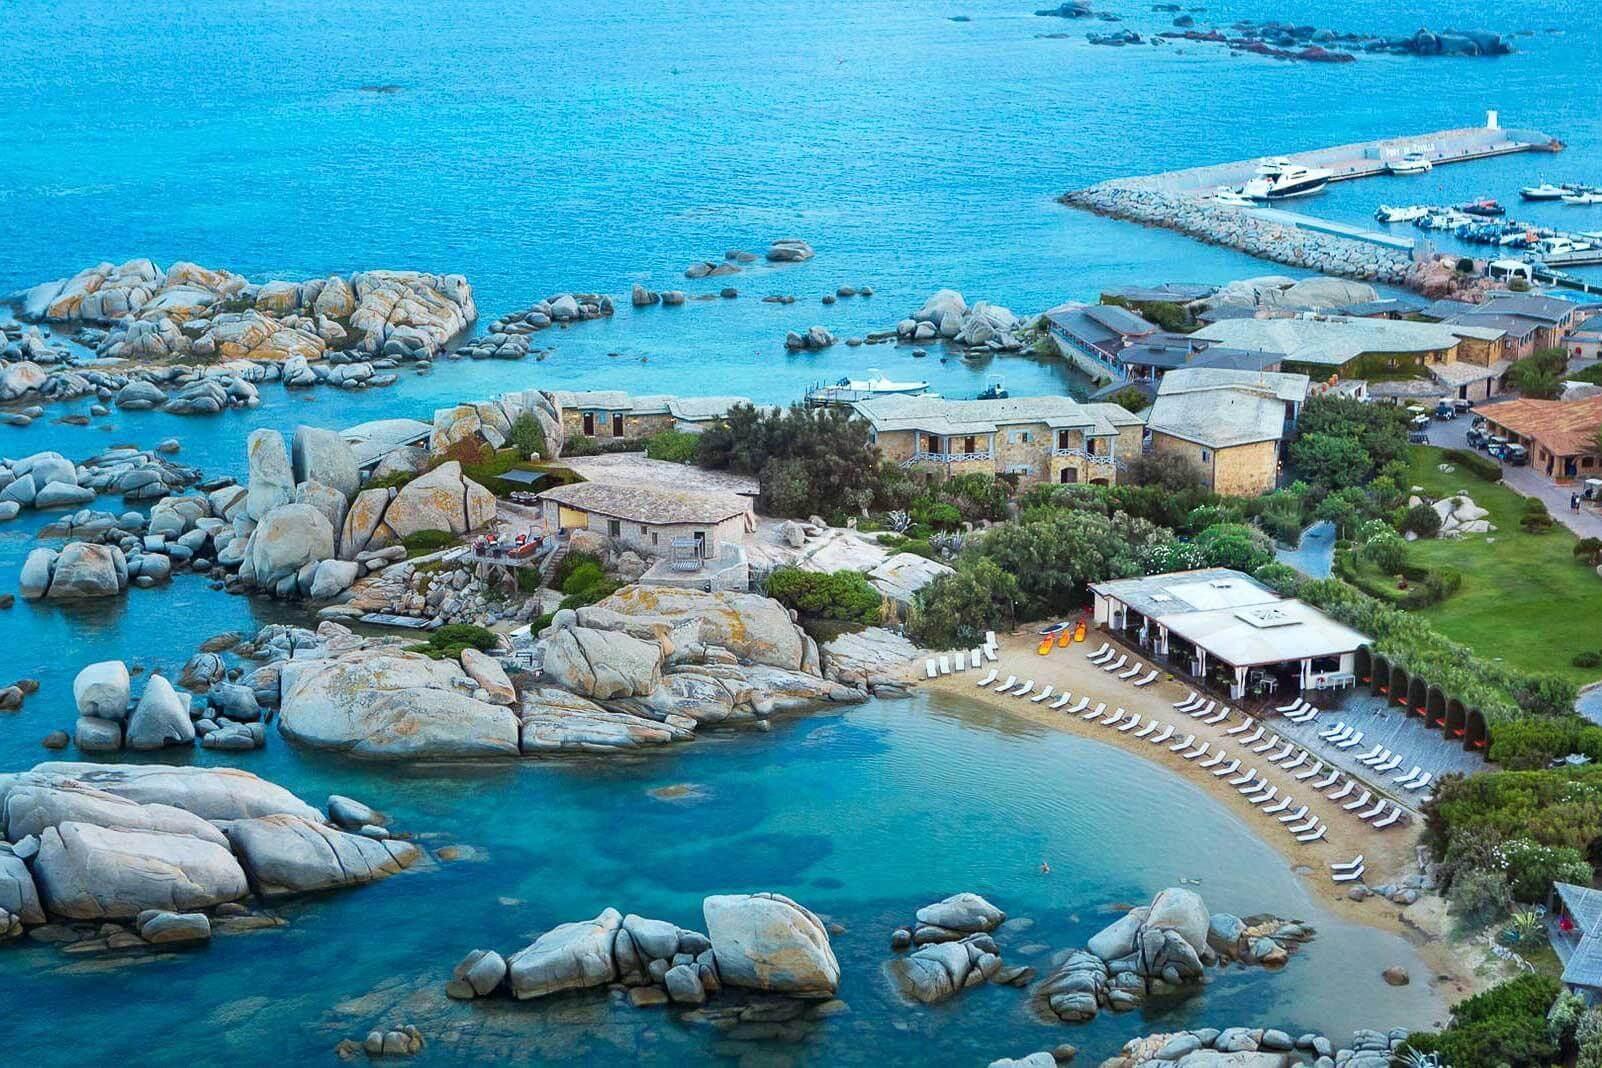 L'Hôtel & Spa des Pêcheurs, seul hôtel de l'île de Cavallo, sans doute la plus luxuriante de l'archipel de Lavezzi © MTC